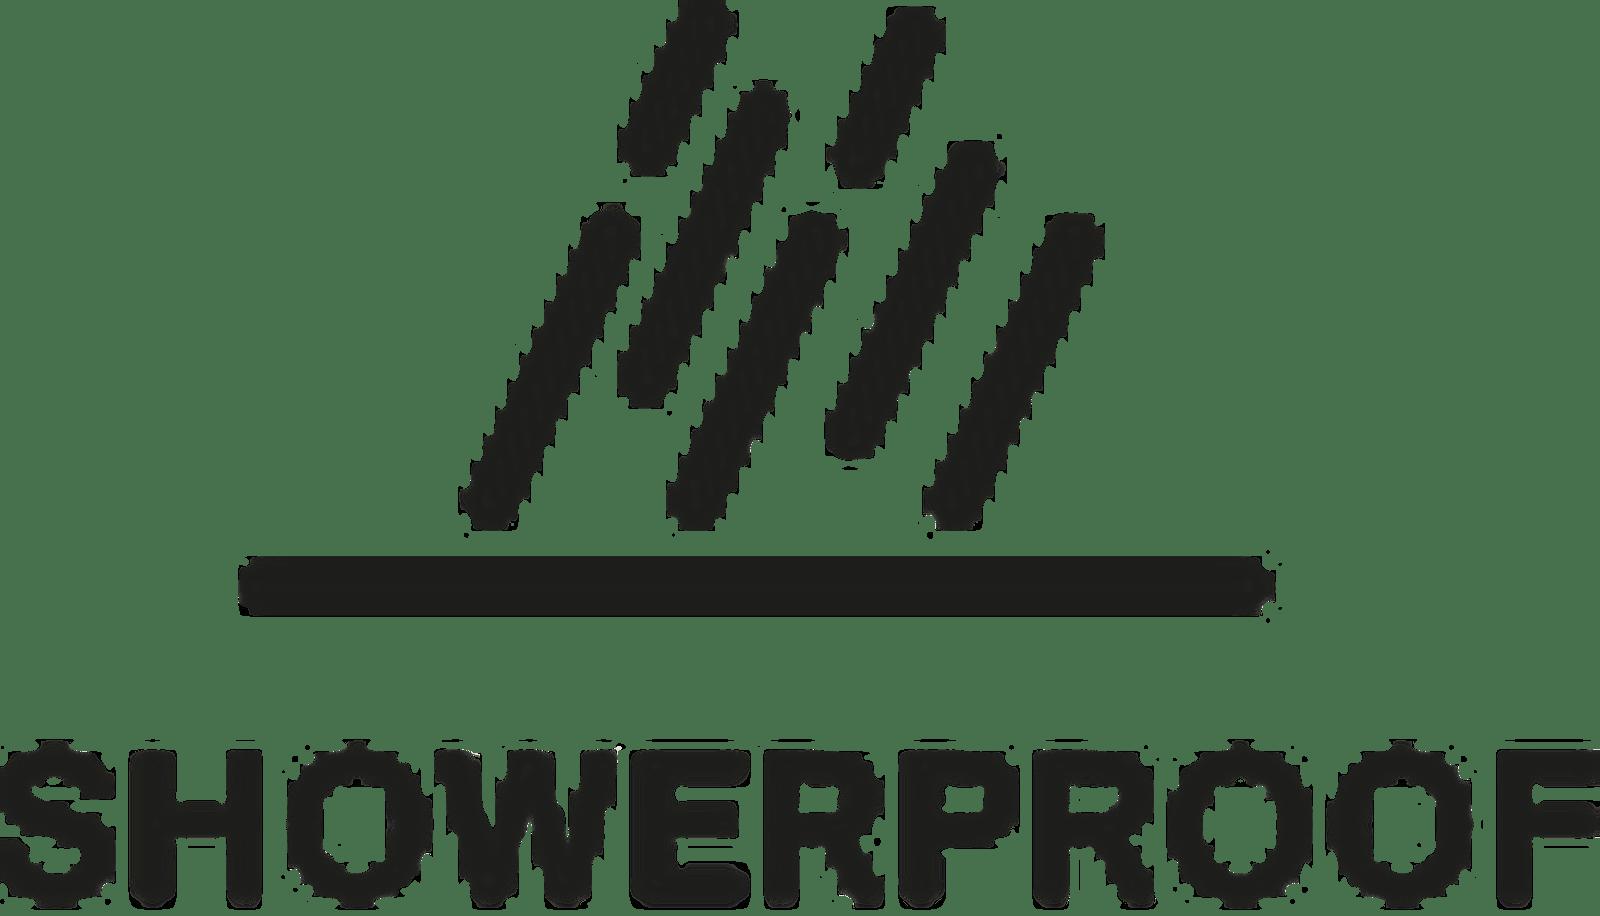 Showerproof certification